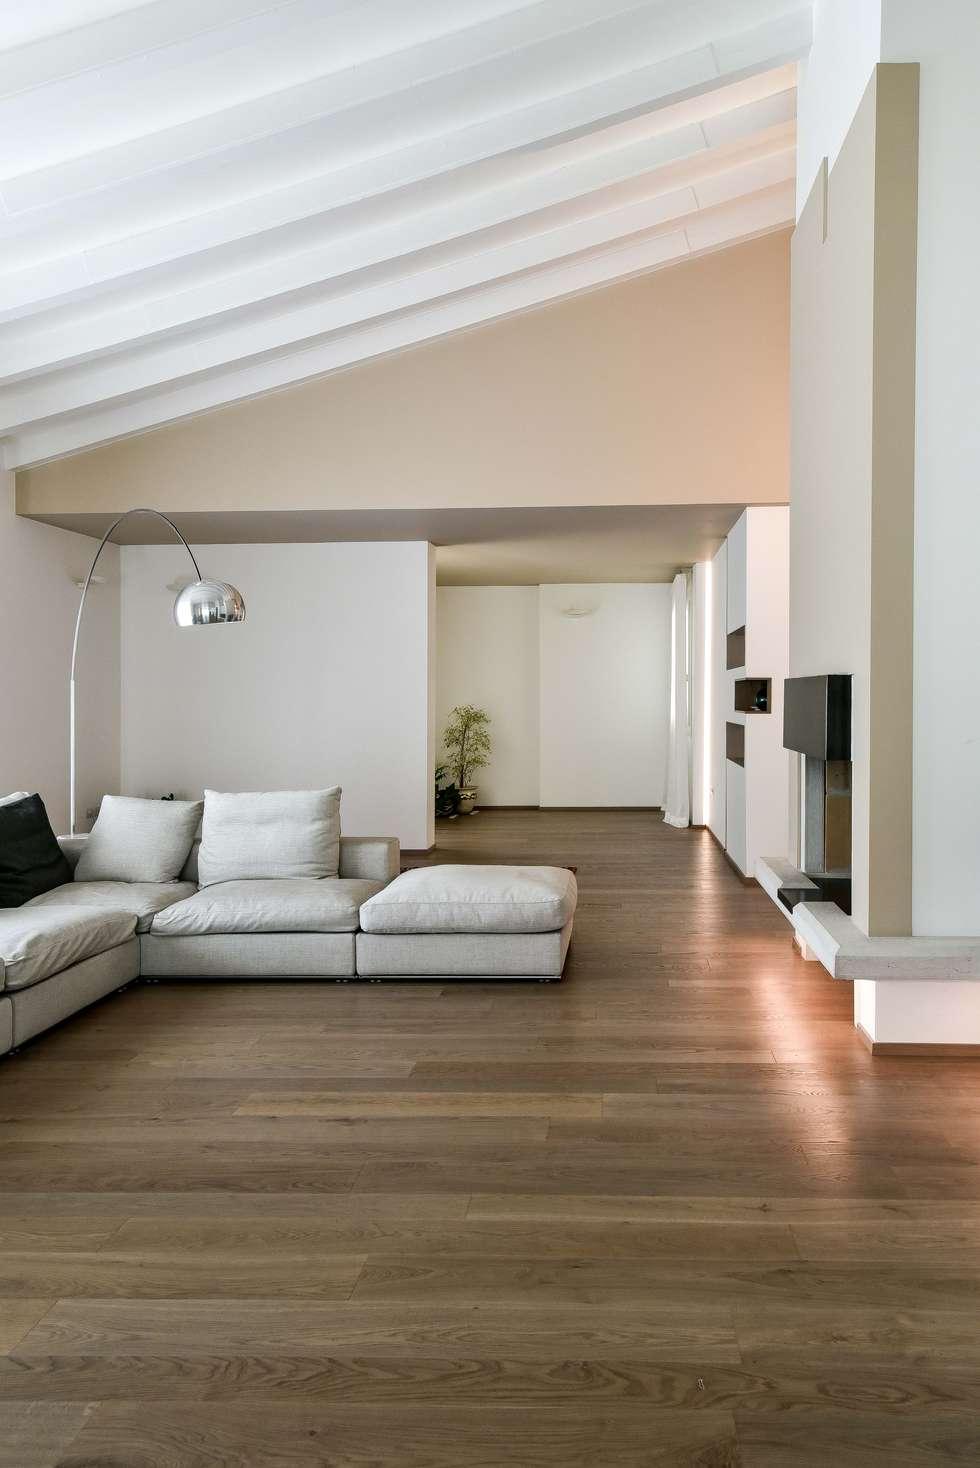 Idee arredamento casa interior design homify for Arredamento stile anni 70